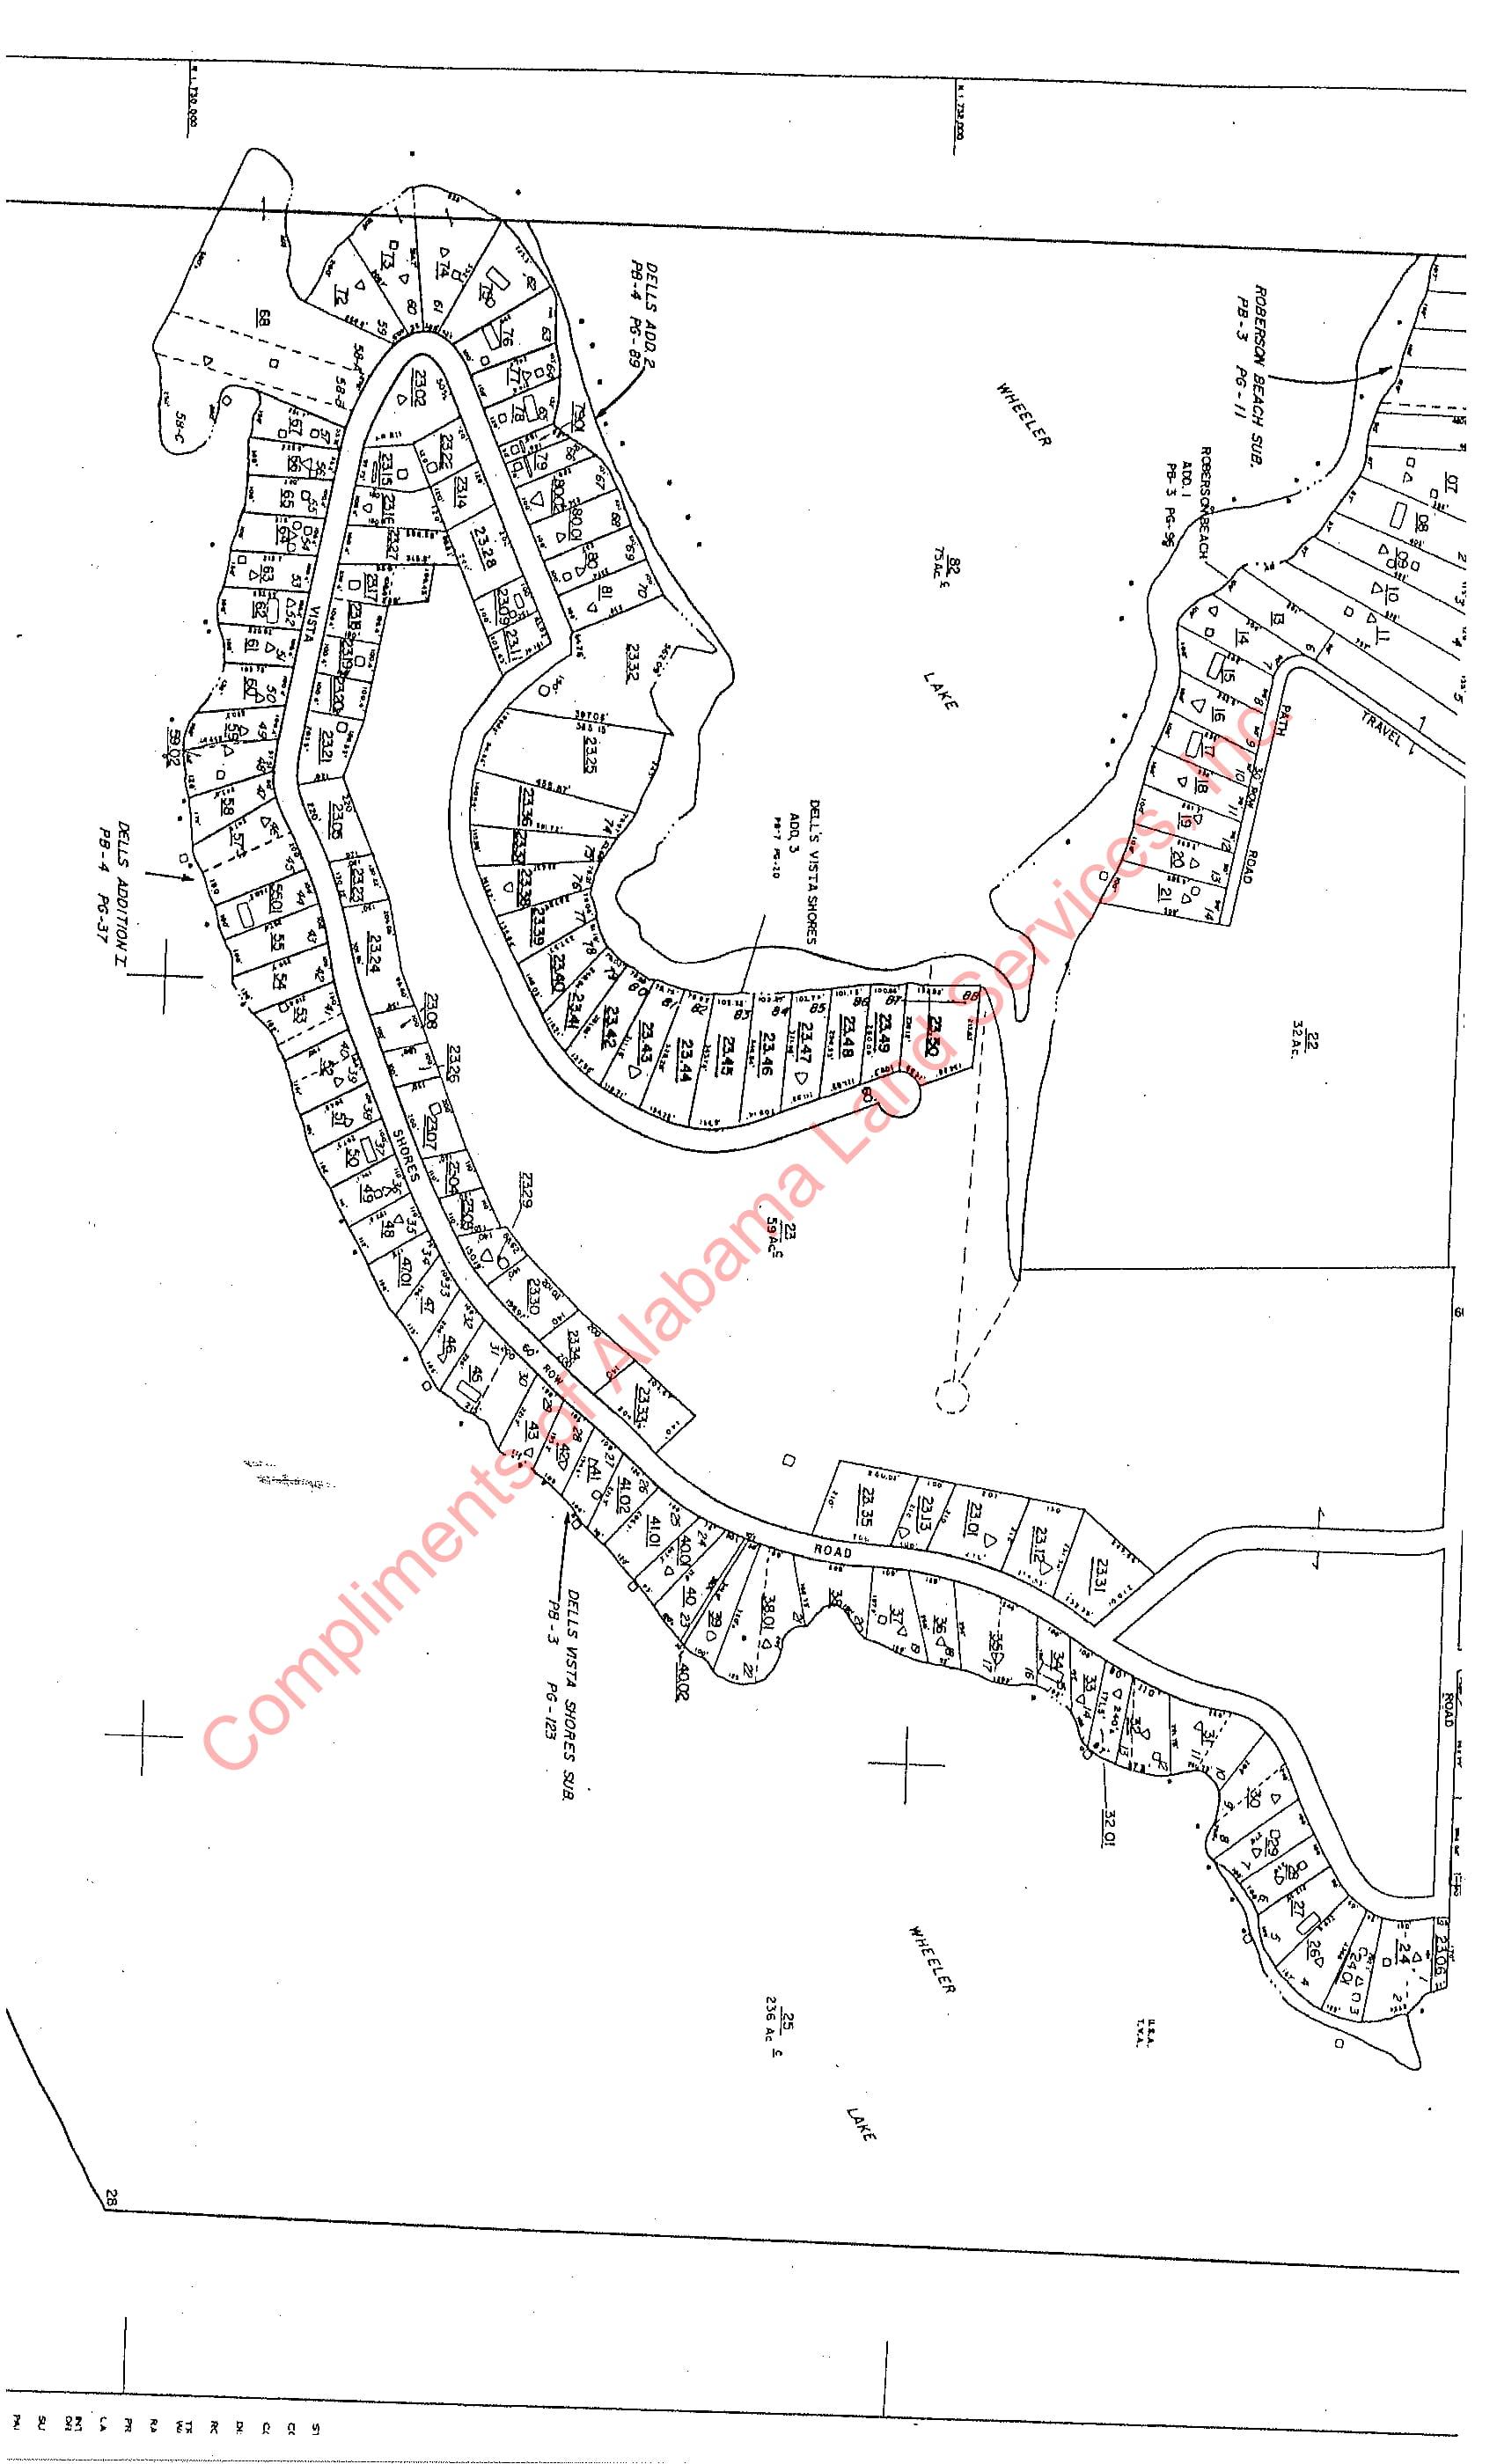 Dells Vista Shores No 3 plat-3.jpg